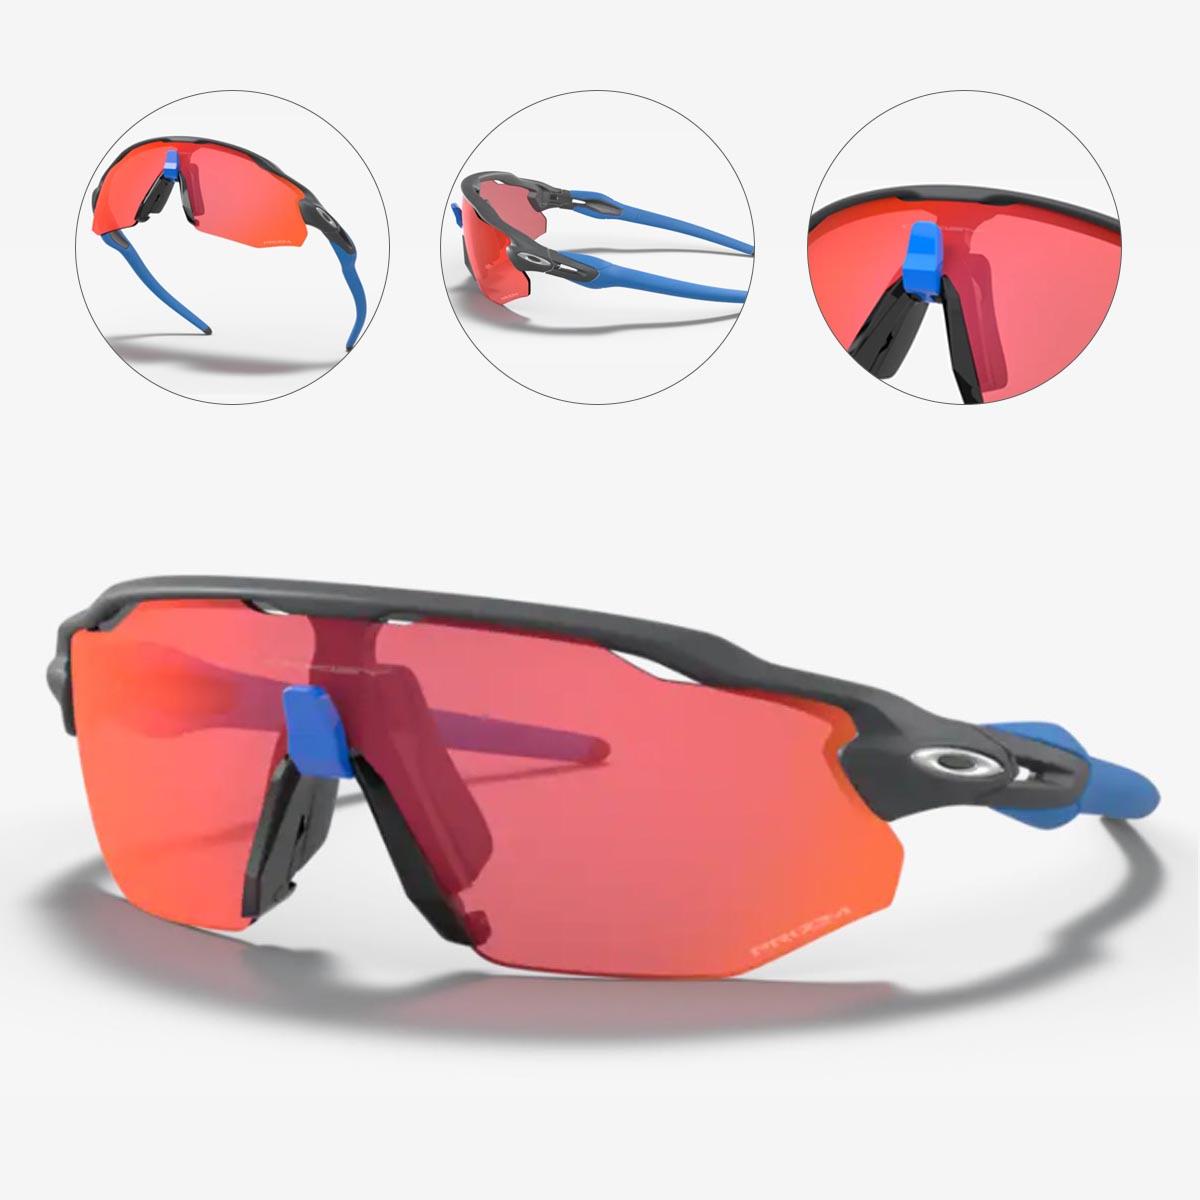 Oculos Para Ciclismo Oakley Radar Ev Advancer Cinza Carbon Fosco e Azul com Lente Prizm Trail Torch Espelhada Vermelha